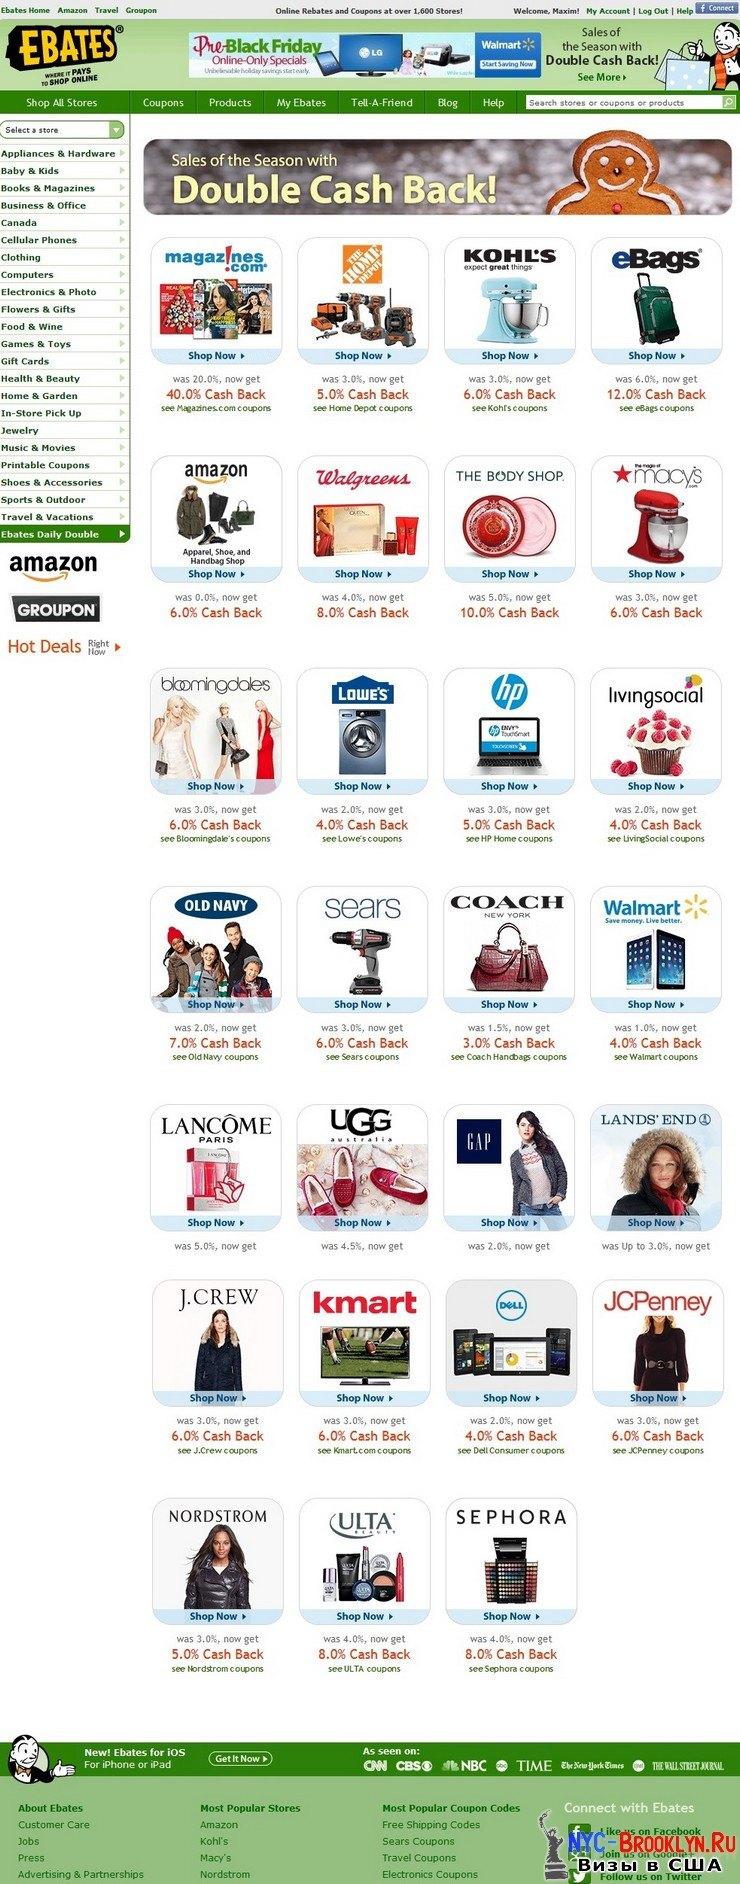 Как сэкономить в США, скидки в сша, как сэкономить в Америке, купить дешево в США, онлайн покупки в сша, онлайн, покупки, шоппинг, шоппинг в сша, интернет шоппинг сша, Ebates, ebates com, www ebates com, ebates отзывы, ebates инструкция, ebates как пользоваться, как вывести деньги с ebates, ebates как работает, Ebates инструкция на русском